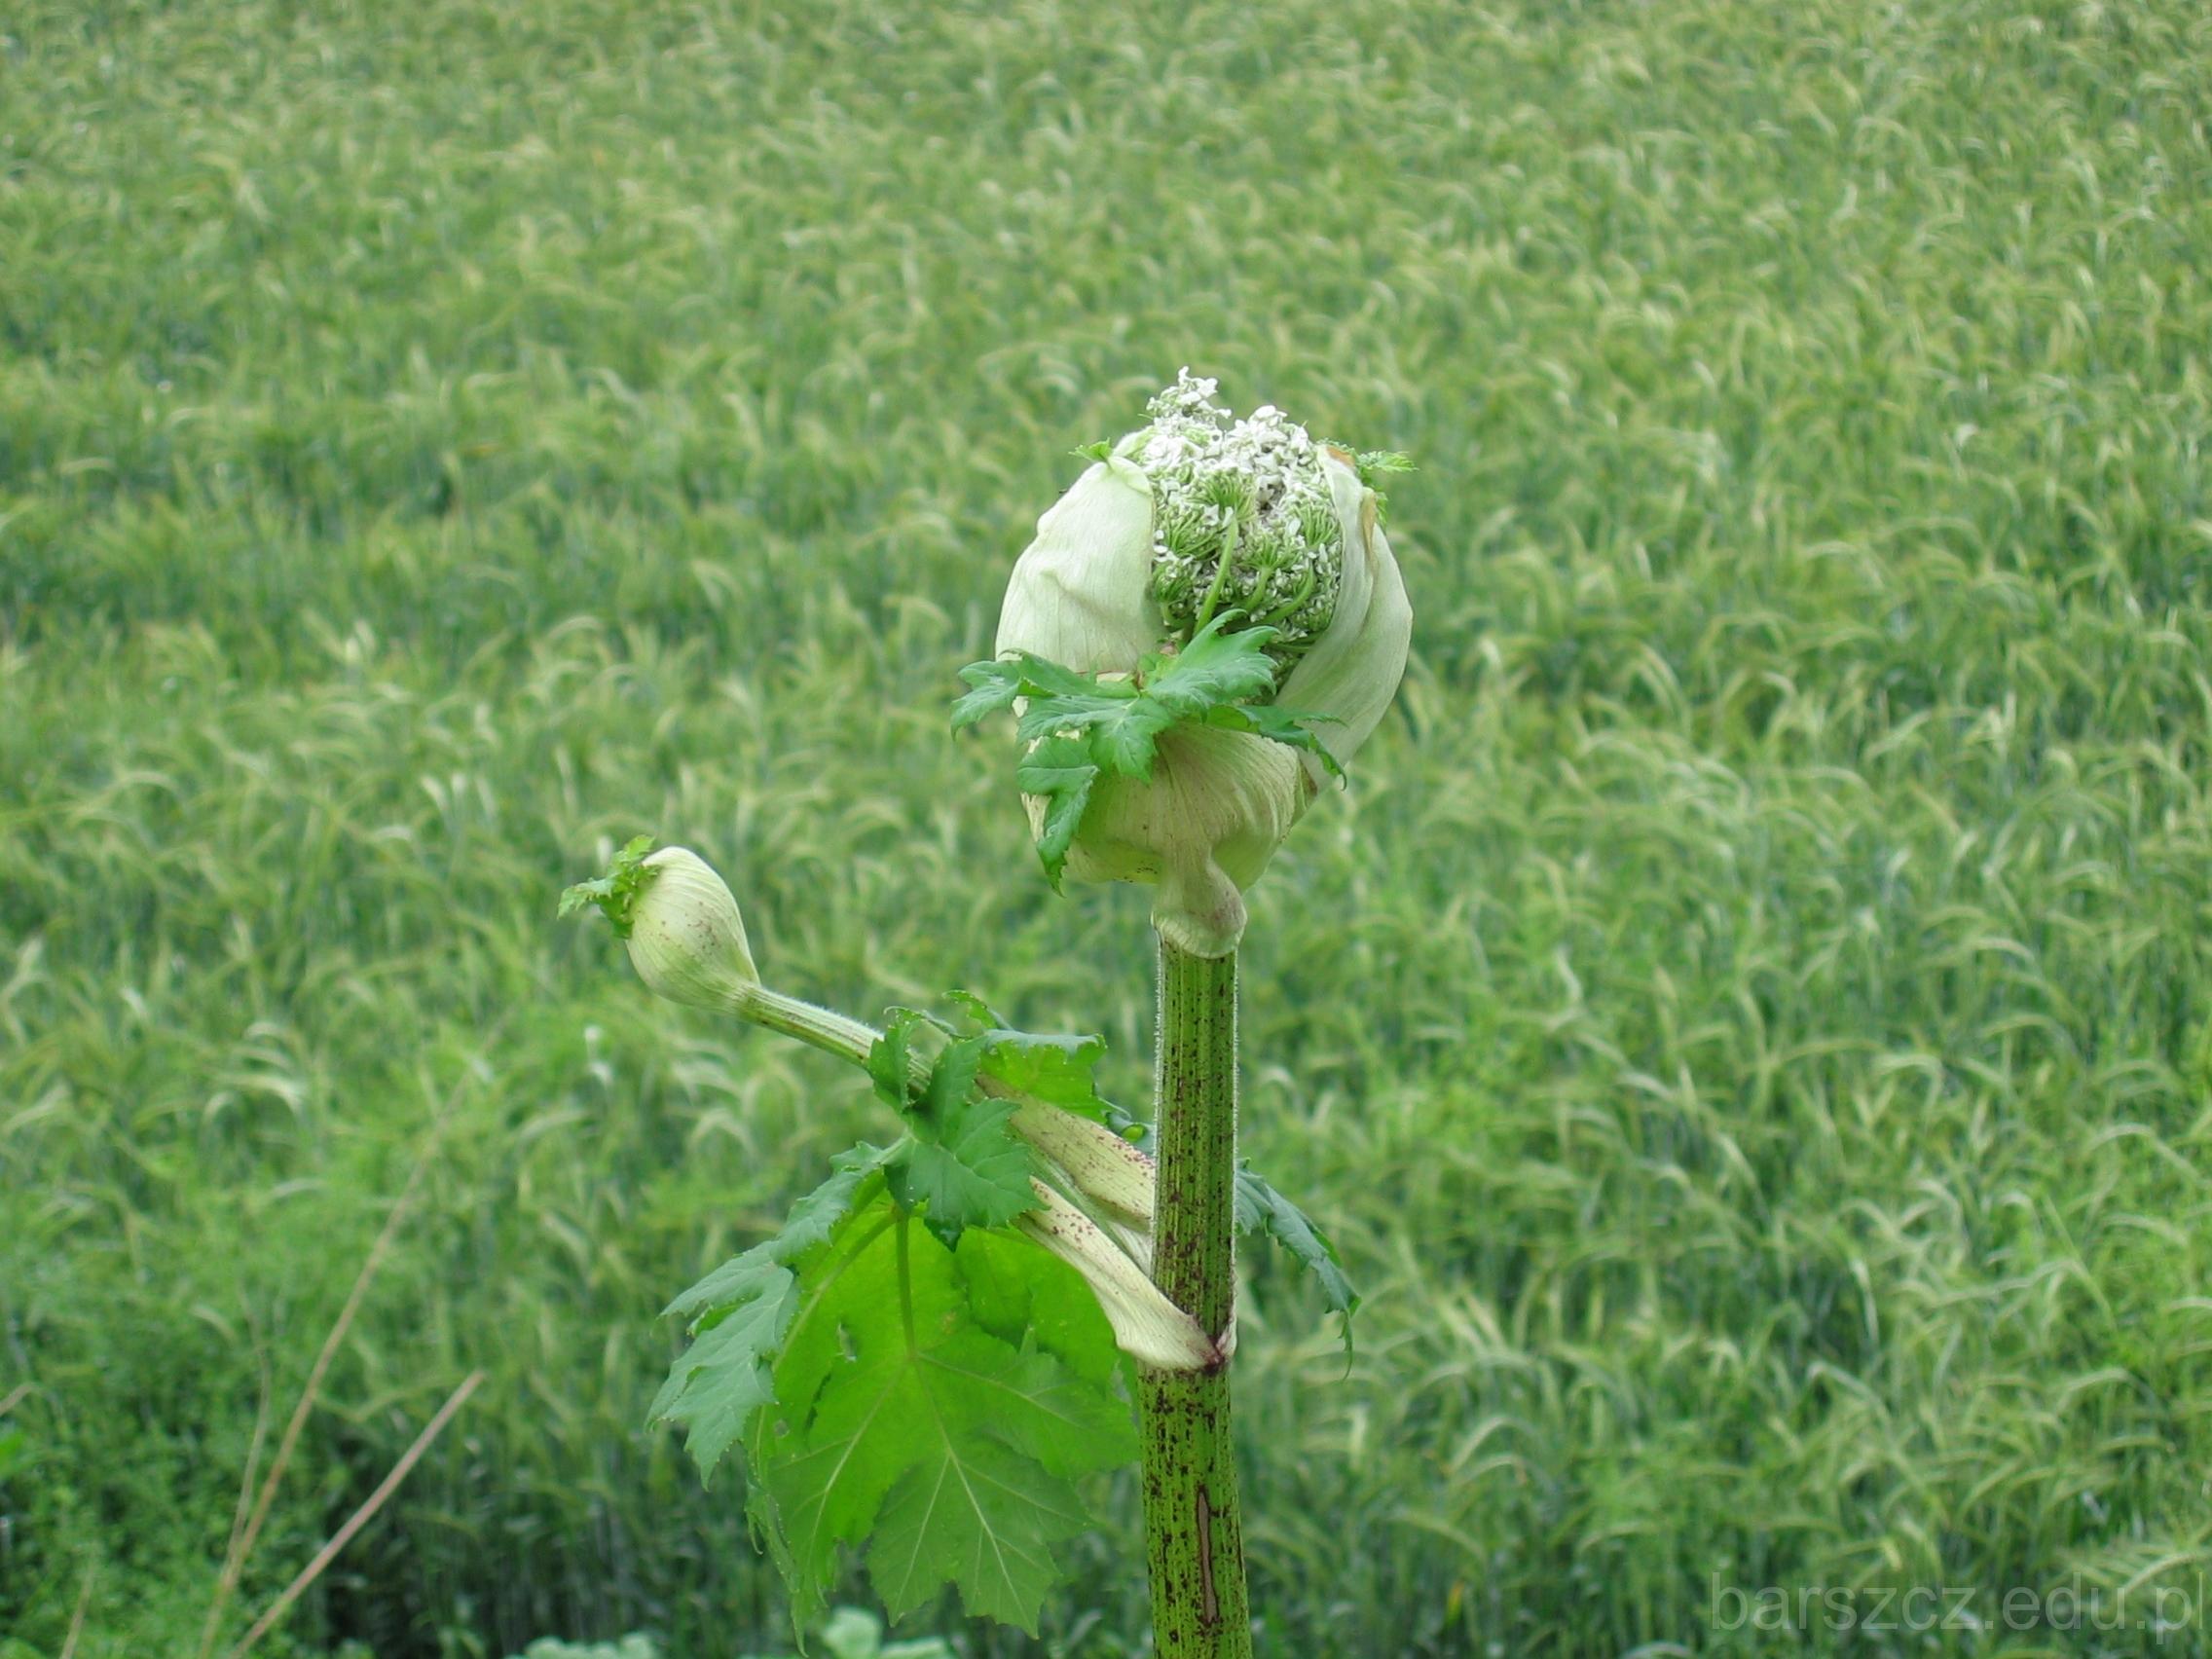 kwiaty barszczu Sosnowskiego